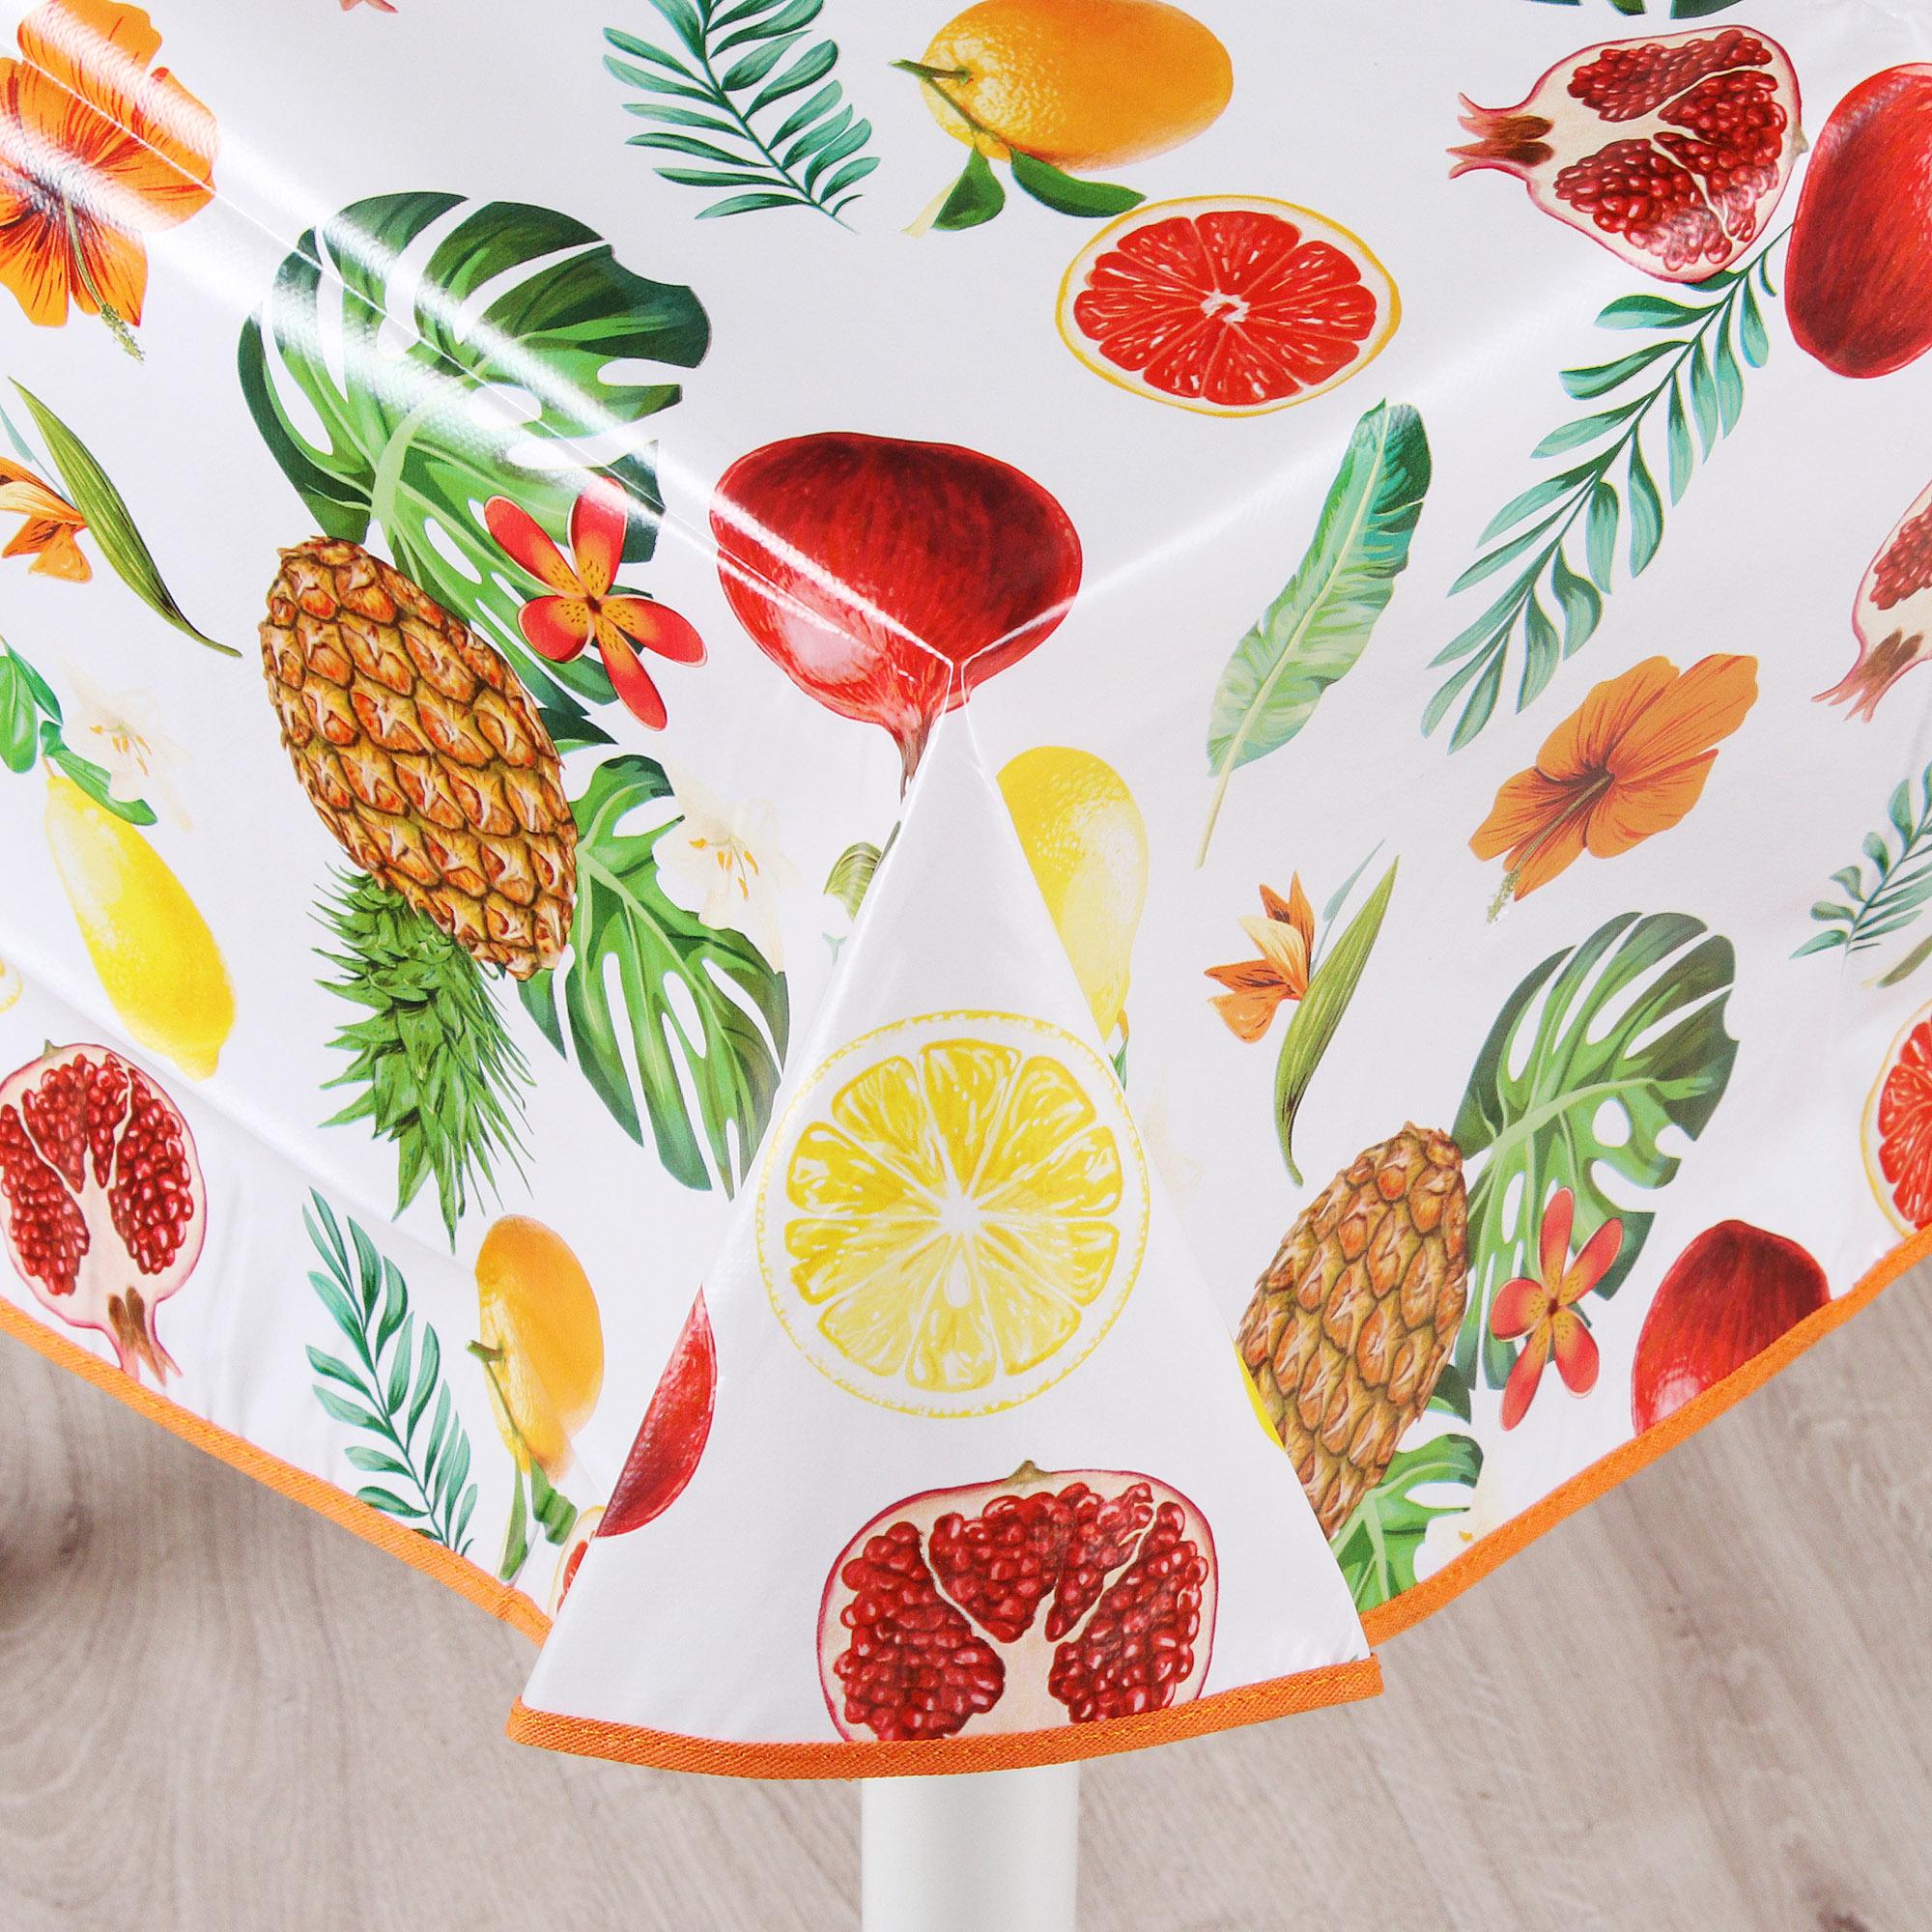 Скатерть пвх Gemitex фрукты 140x180 фото